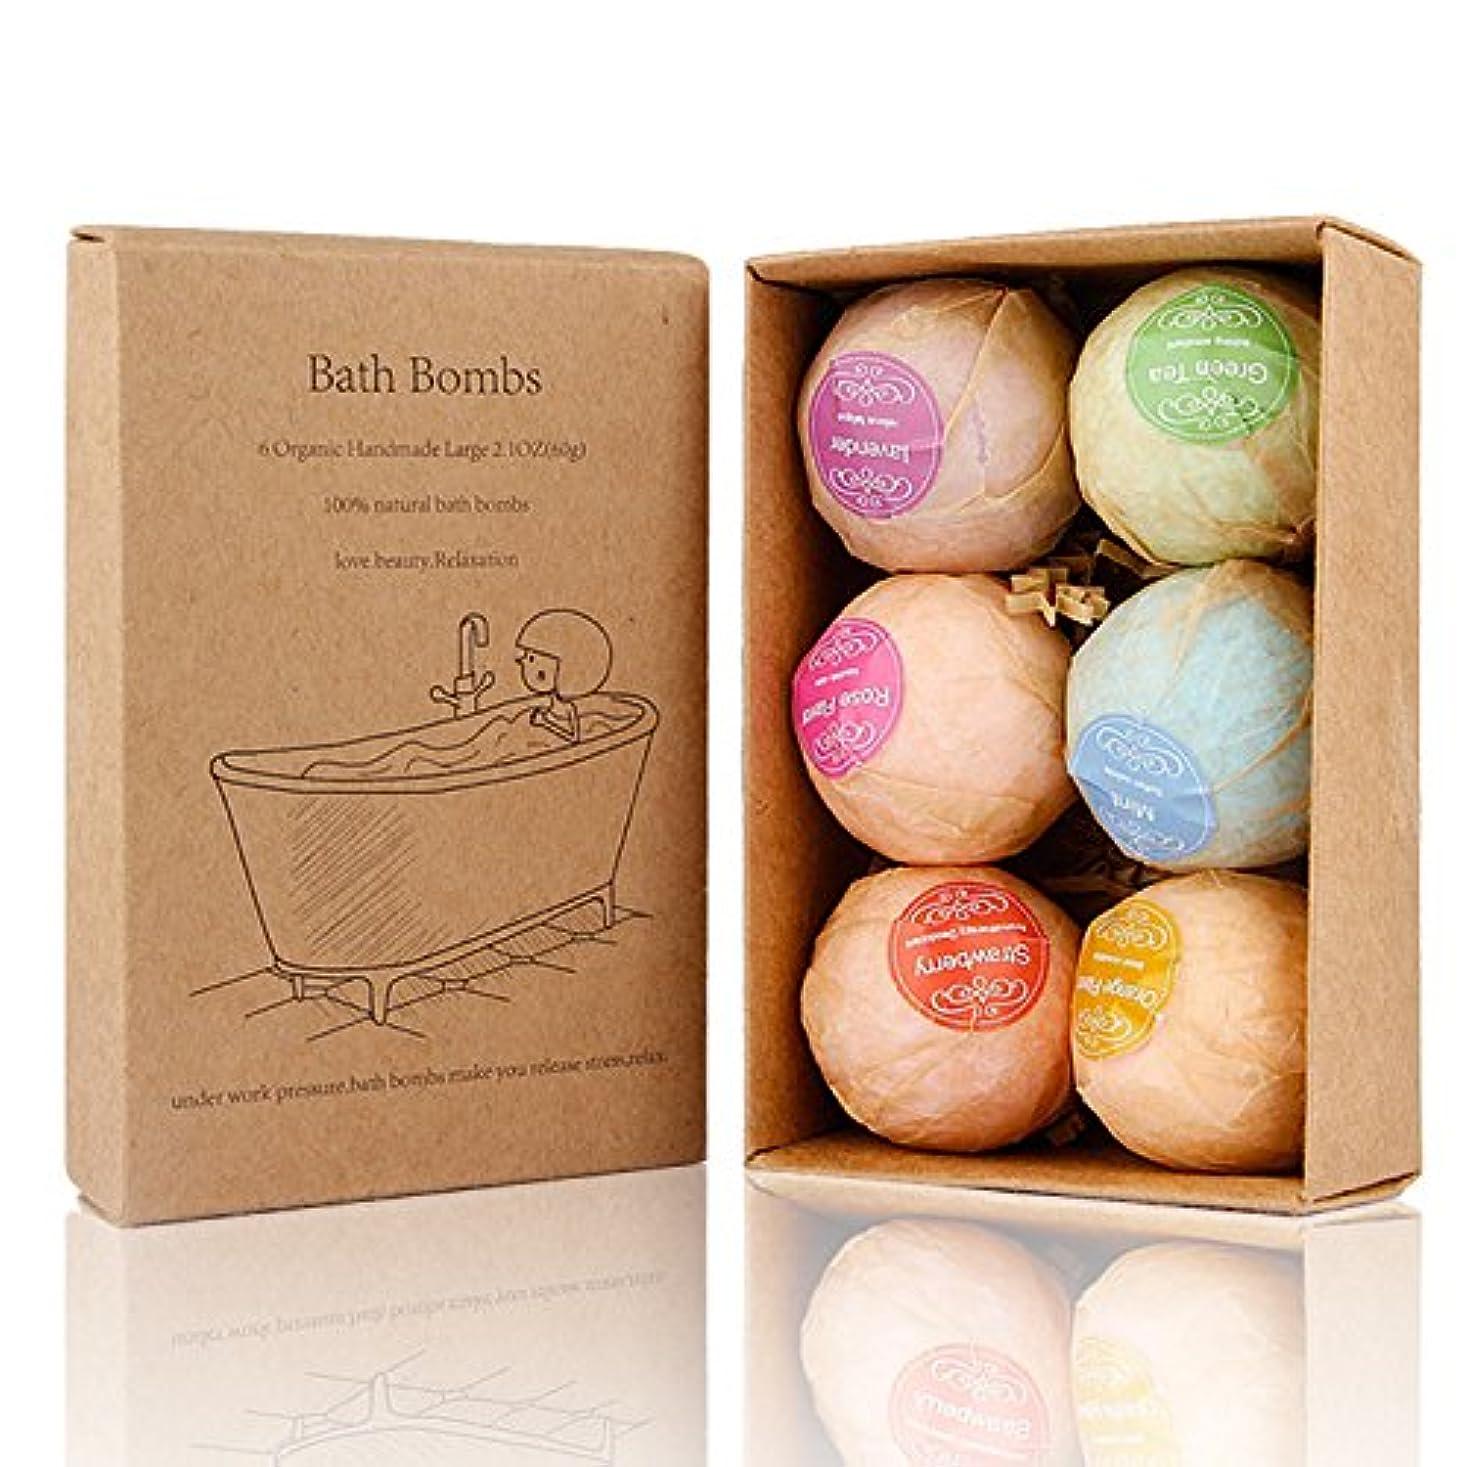 関係するコンサルタント手のひらBath Bomb, 温泡 入浴剤 ギフトセット6個入り, Perfect for Bubble & Spa Bath Ultra Lush Bath Fizzies